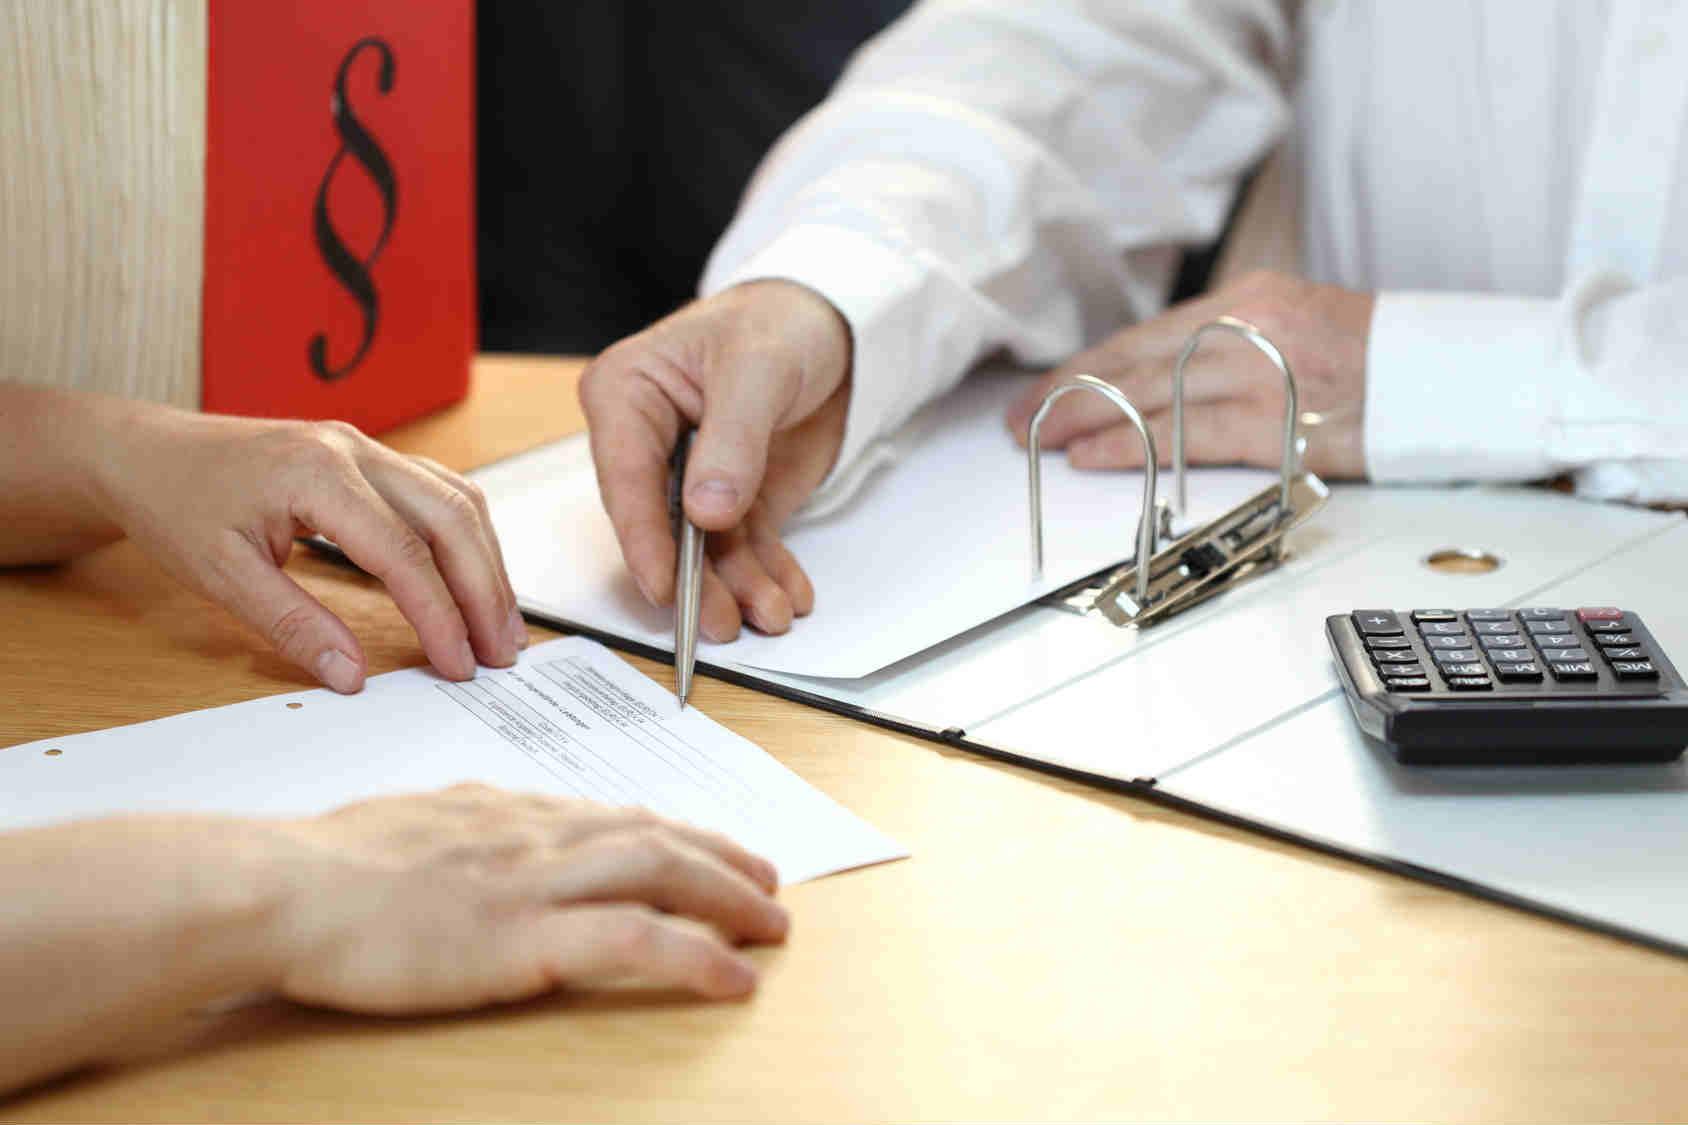 Отказ в предоставлении потребительского кредита должен быть обоснован